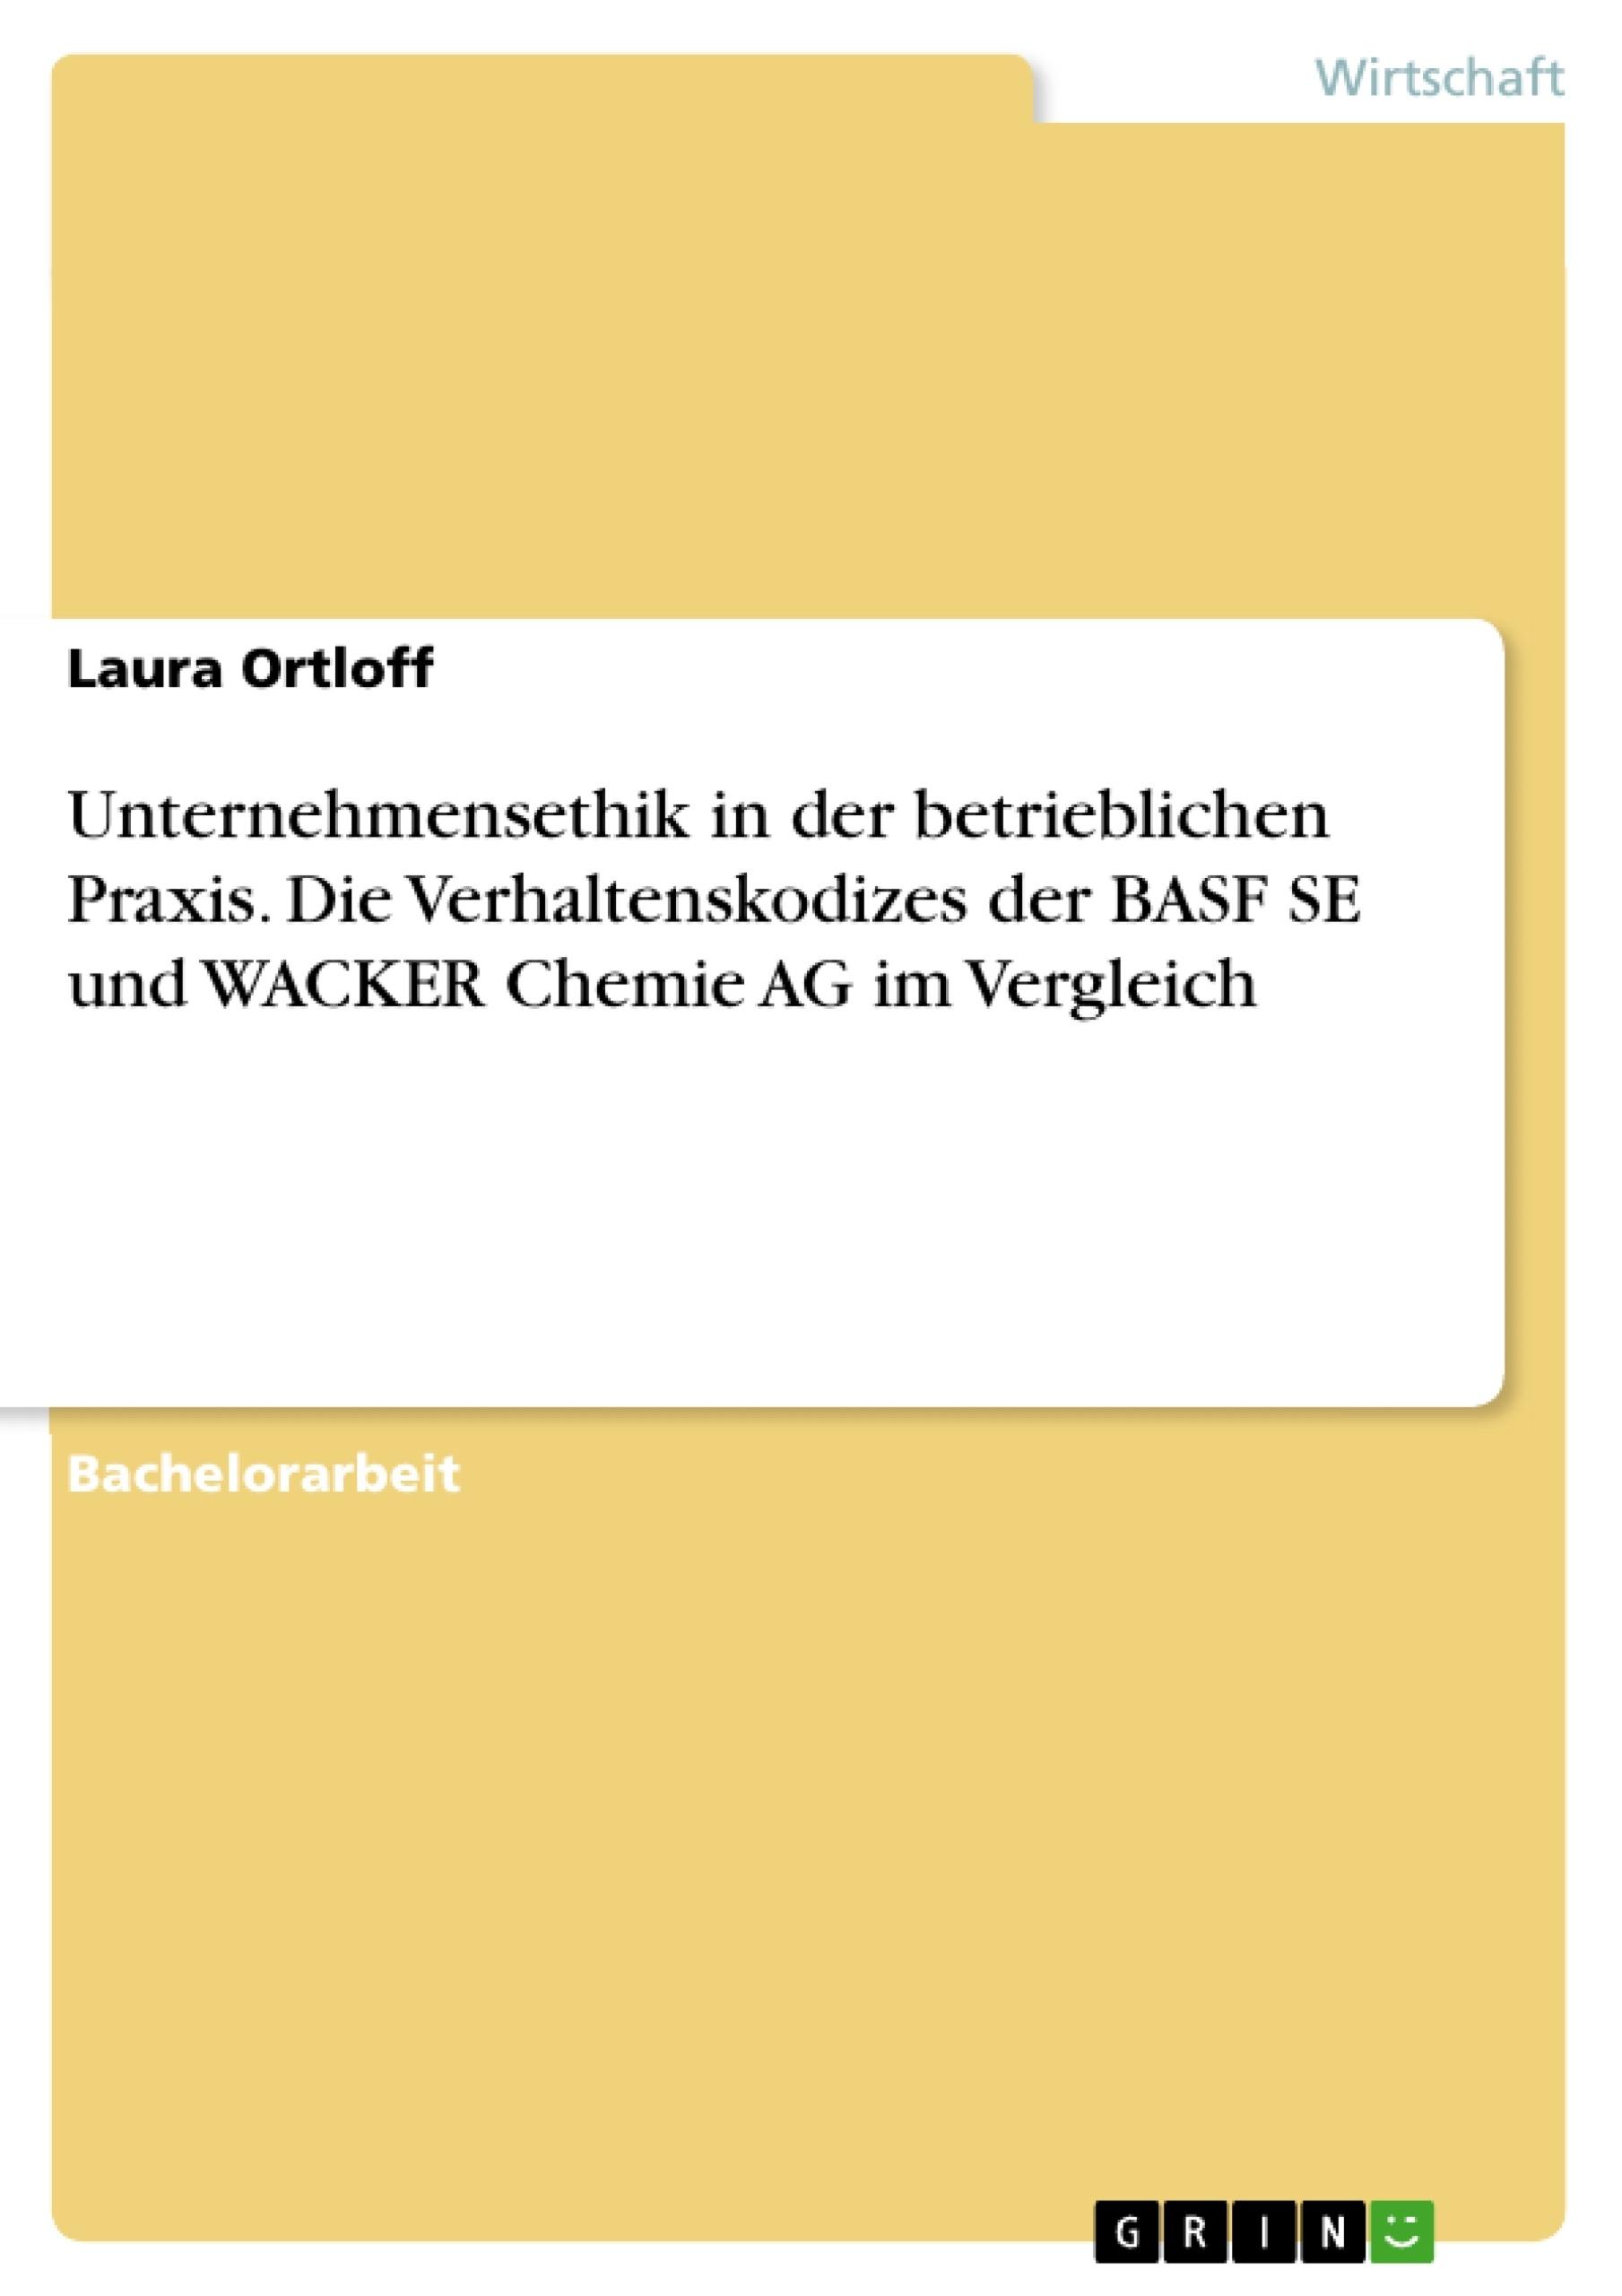 Titel: Unternehmensethik in der betrieblichen Praxis. Die Verhaltenskodizes der BASF SE und WACKER Chemie AG im Vergleich